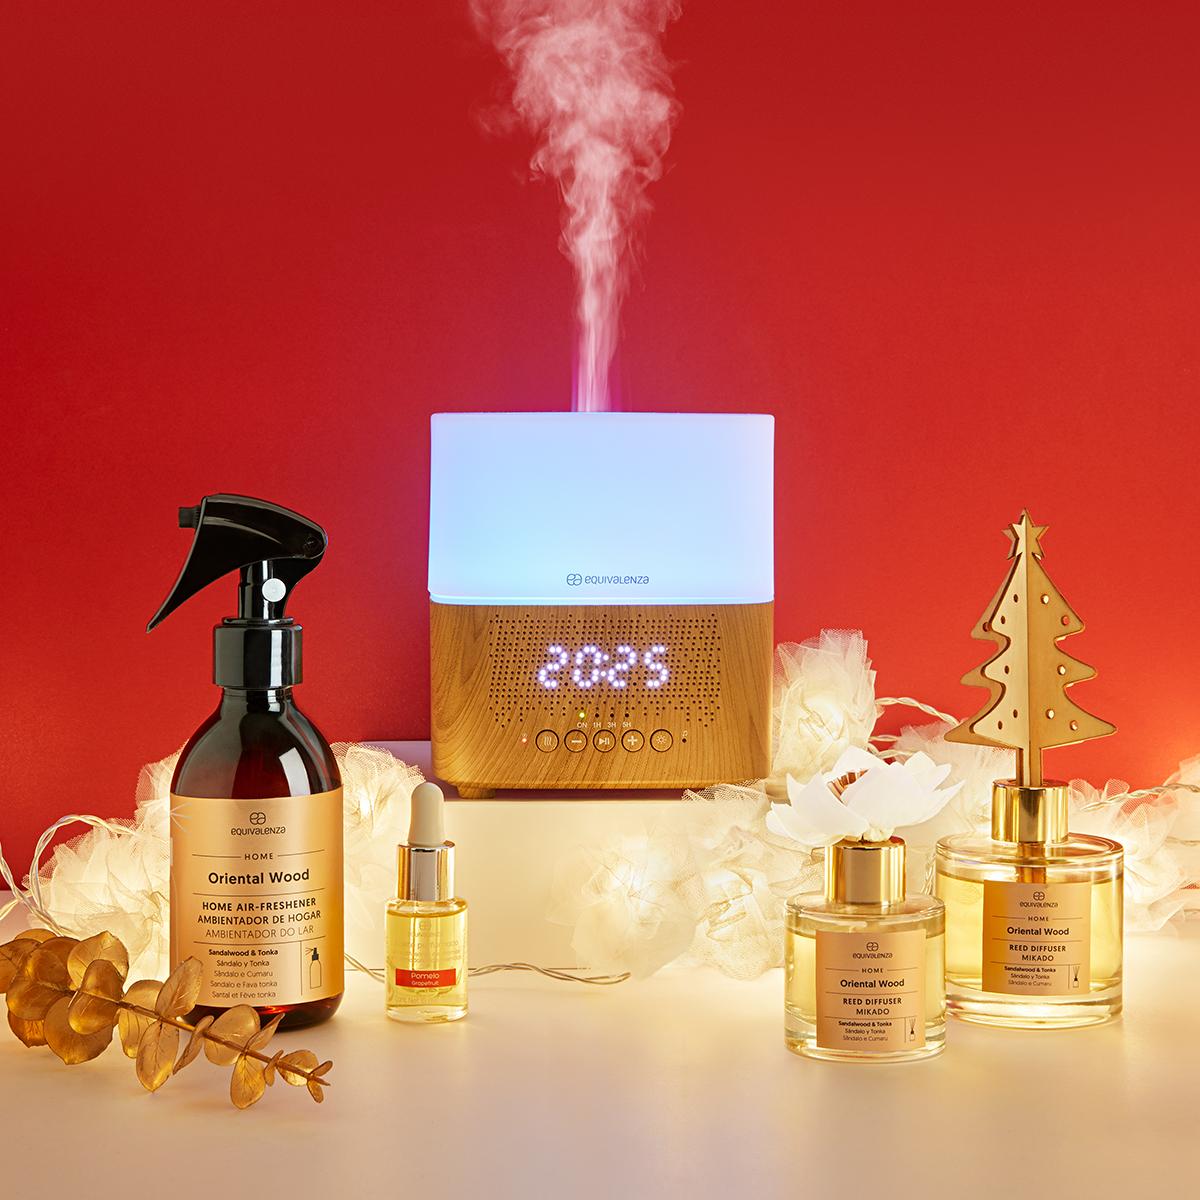 Equivalenza-Navidad-Aromas-Ambientación-Home